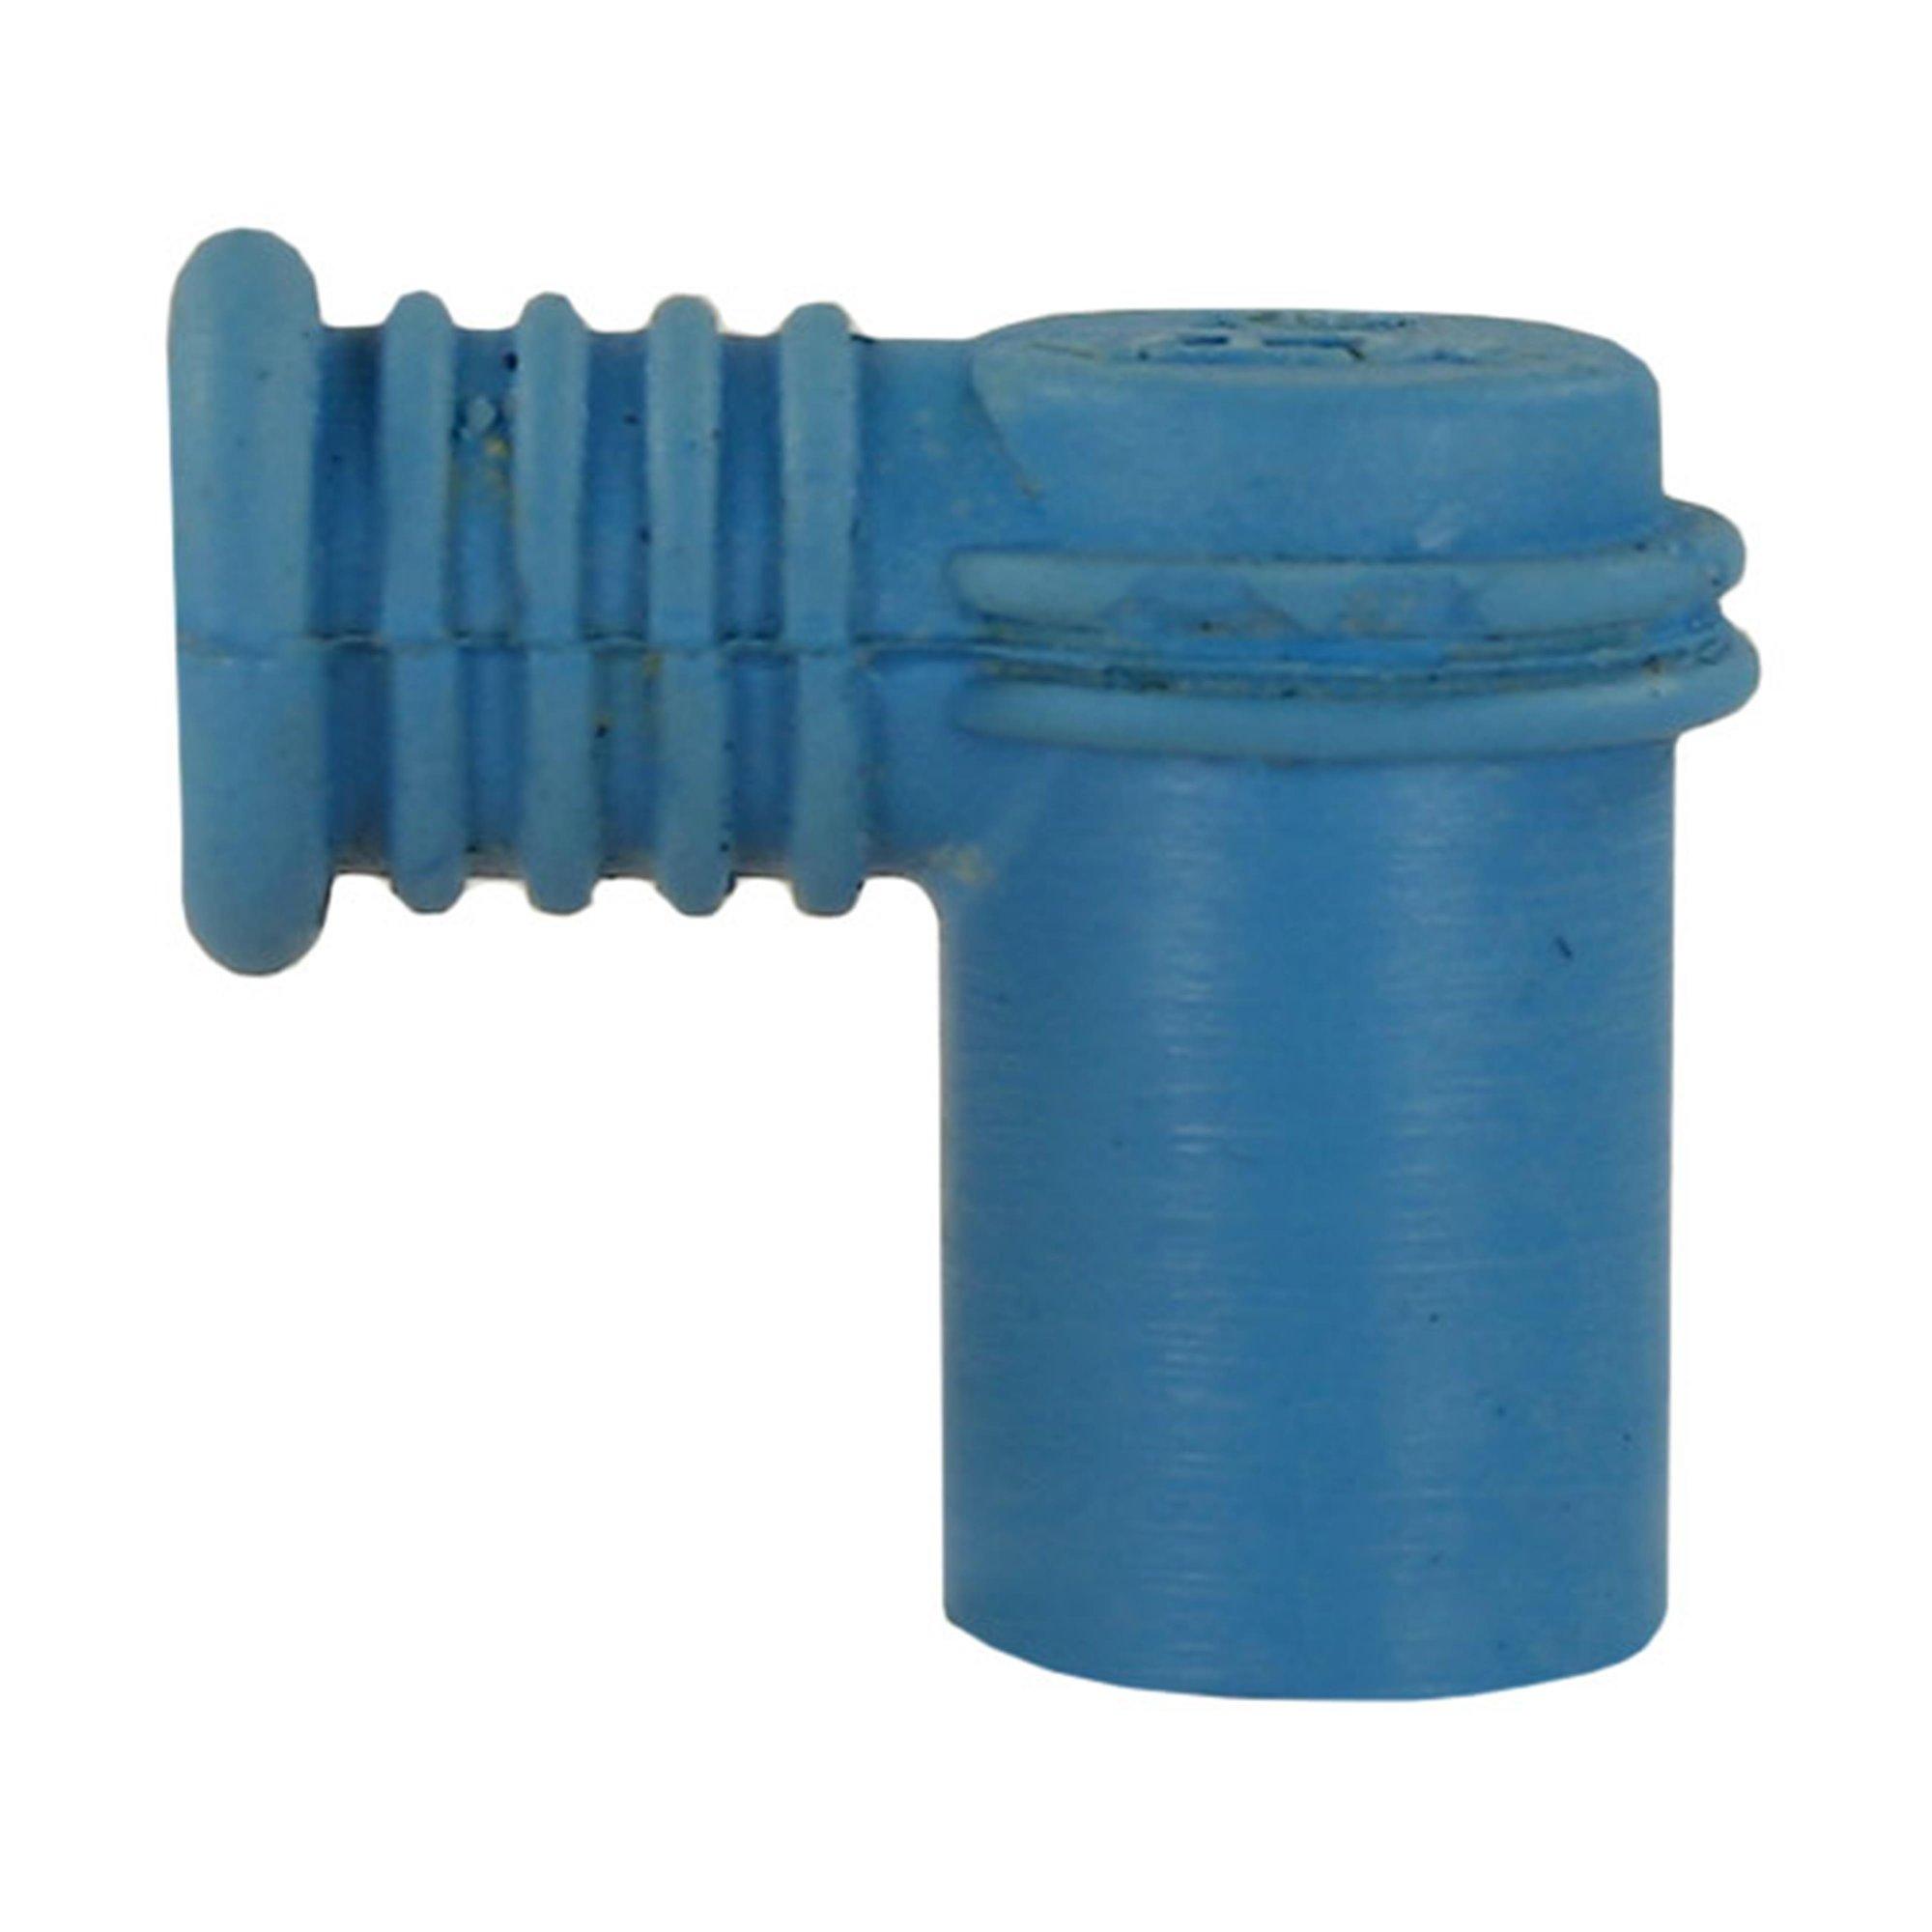 R+M de Wit Zündkabelstecker Blau Winkel Zündkabelstecker Blau Winkel |